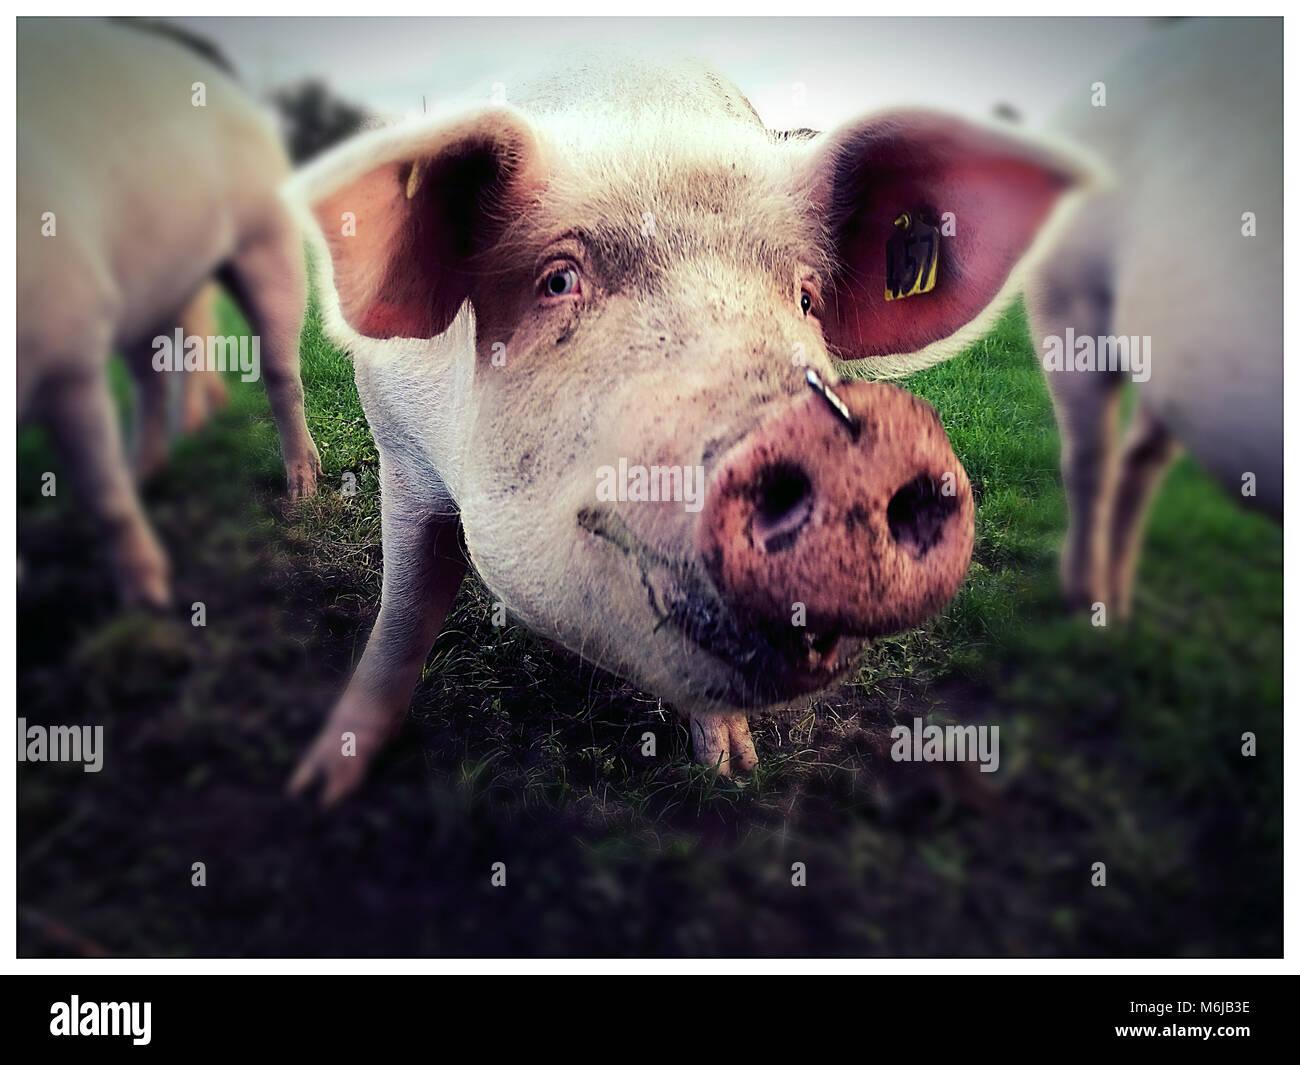 Grupo de cerdos mirando hacia el observador Imagen De Stock